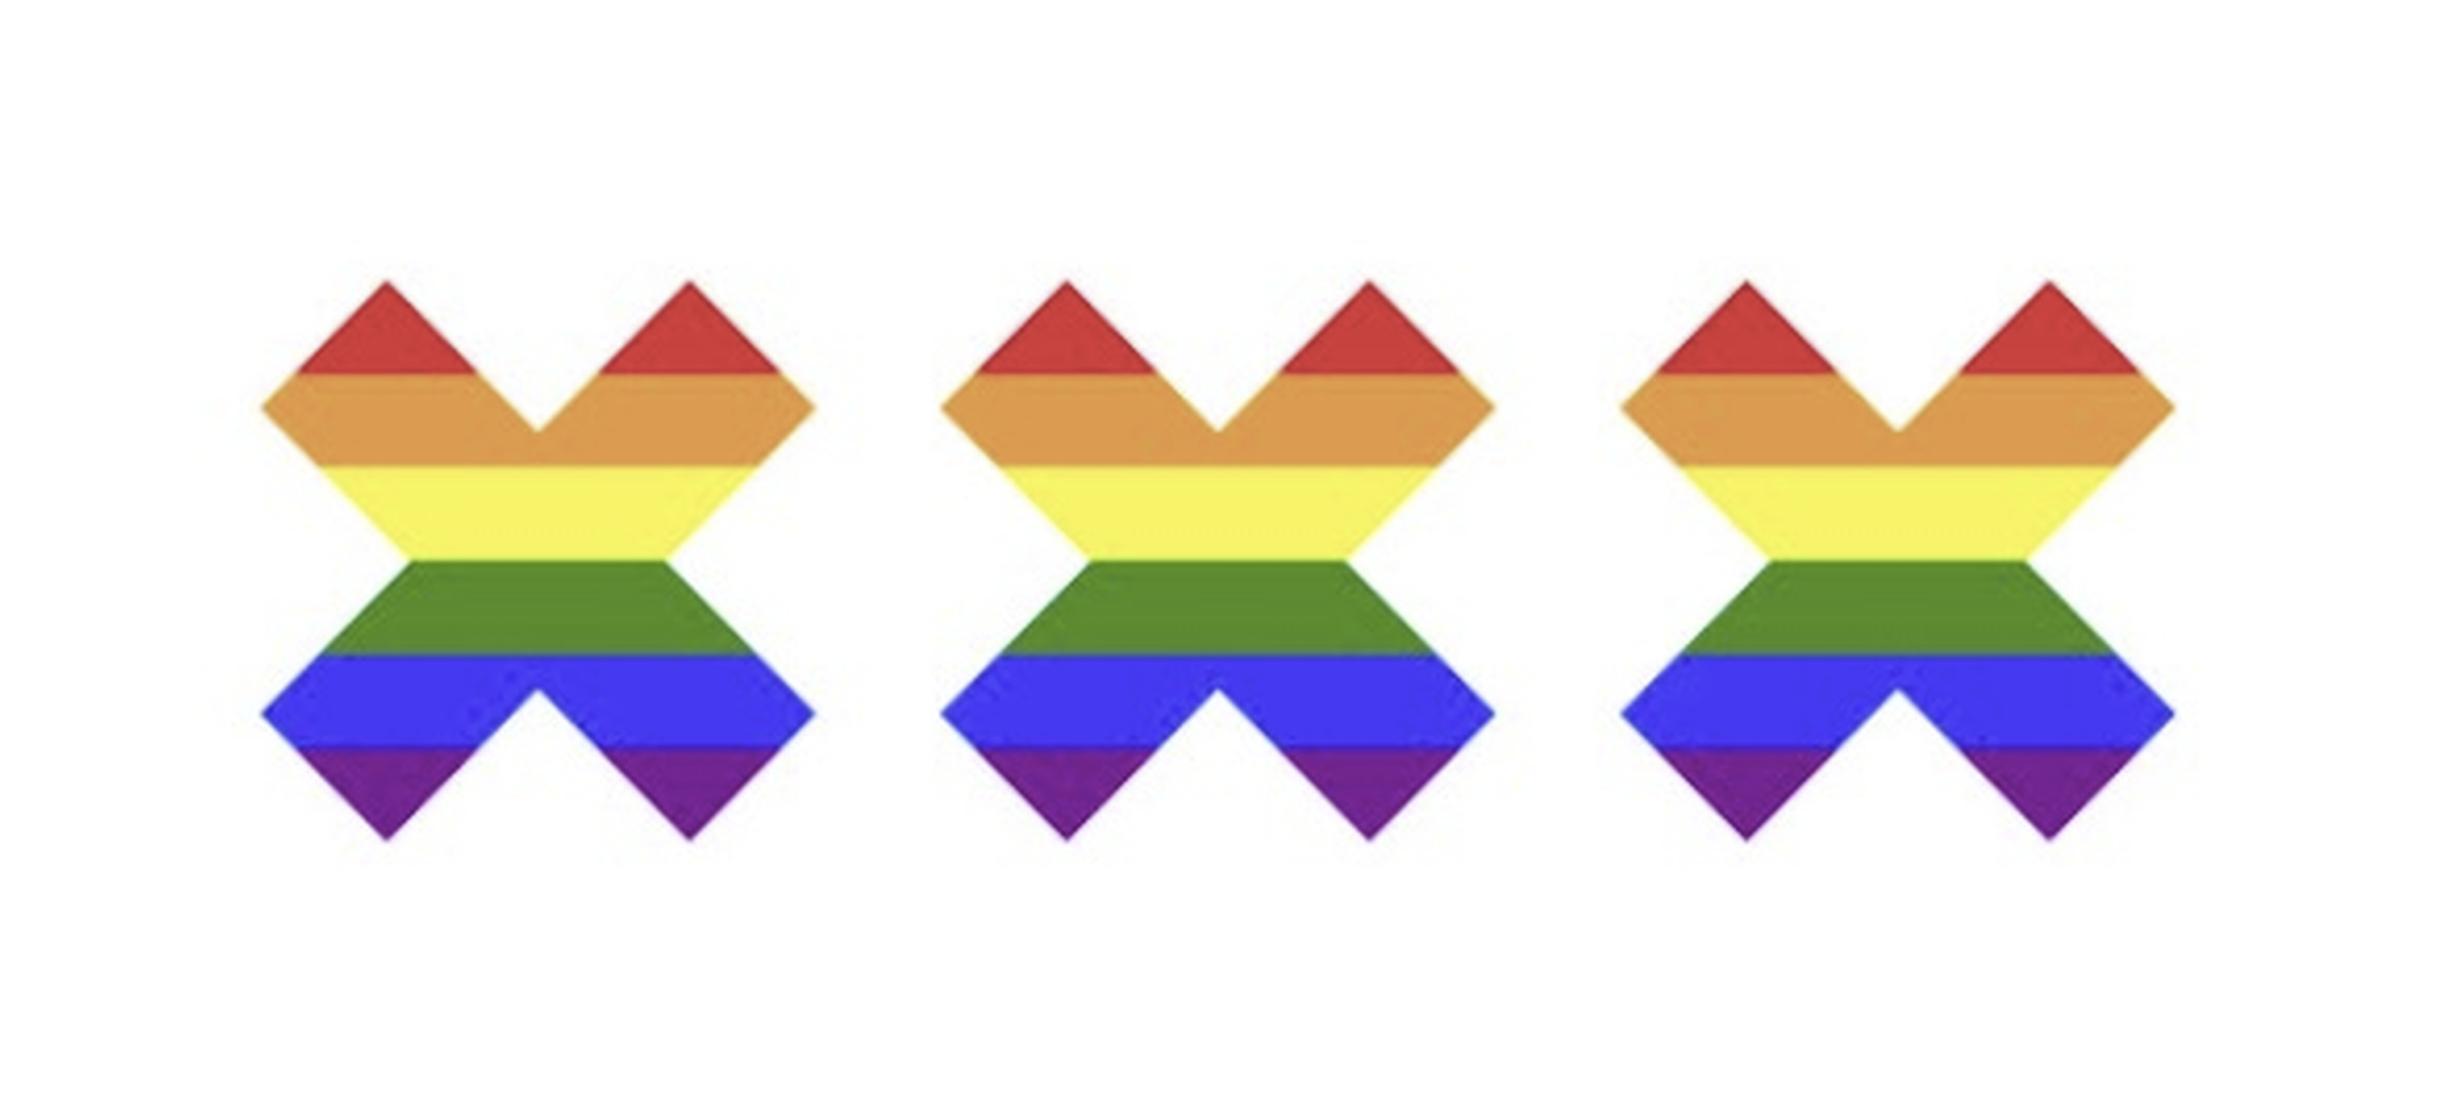 Ajax maakt in aanloop naar EK-wedstrijd statement met kruisen Amsterdam in kleuren van de regenboog